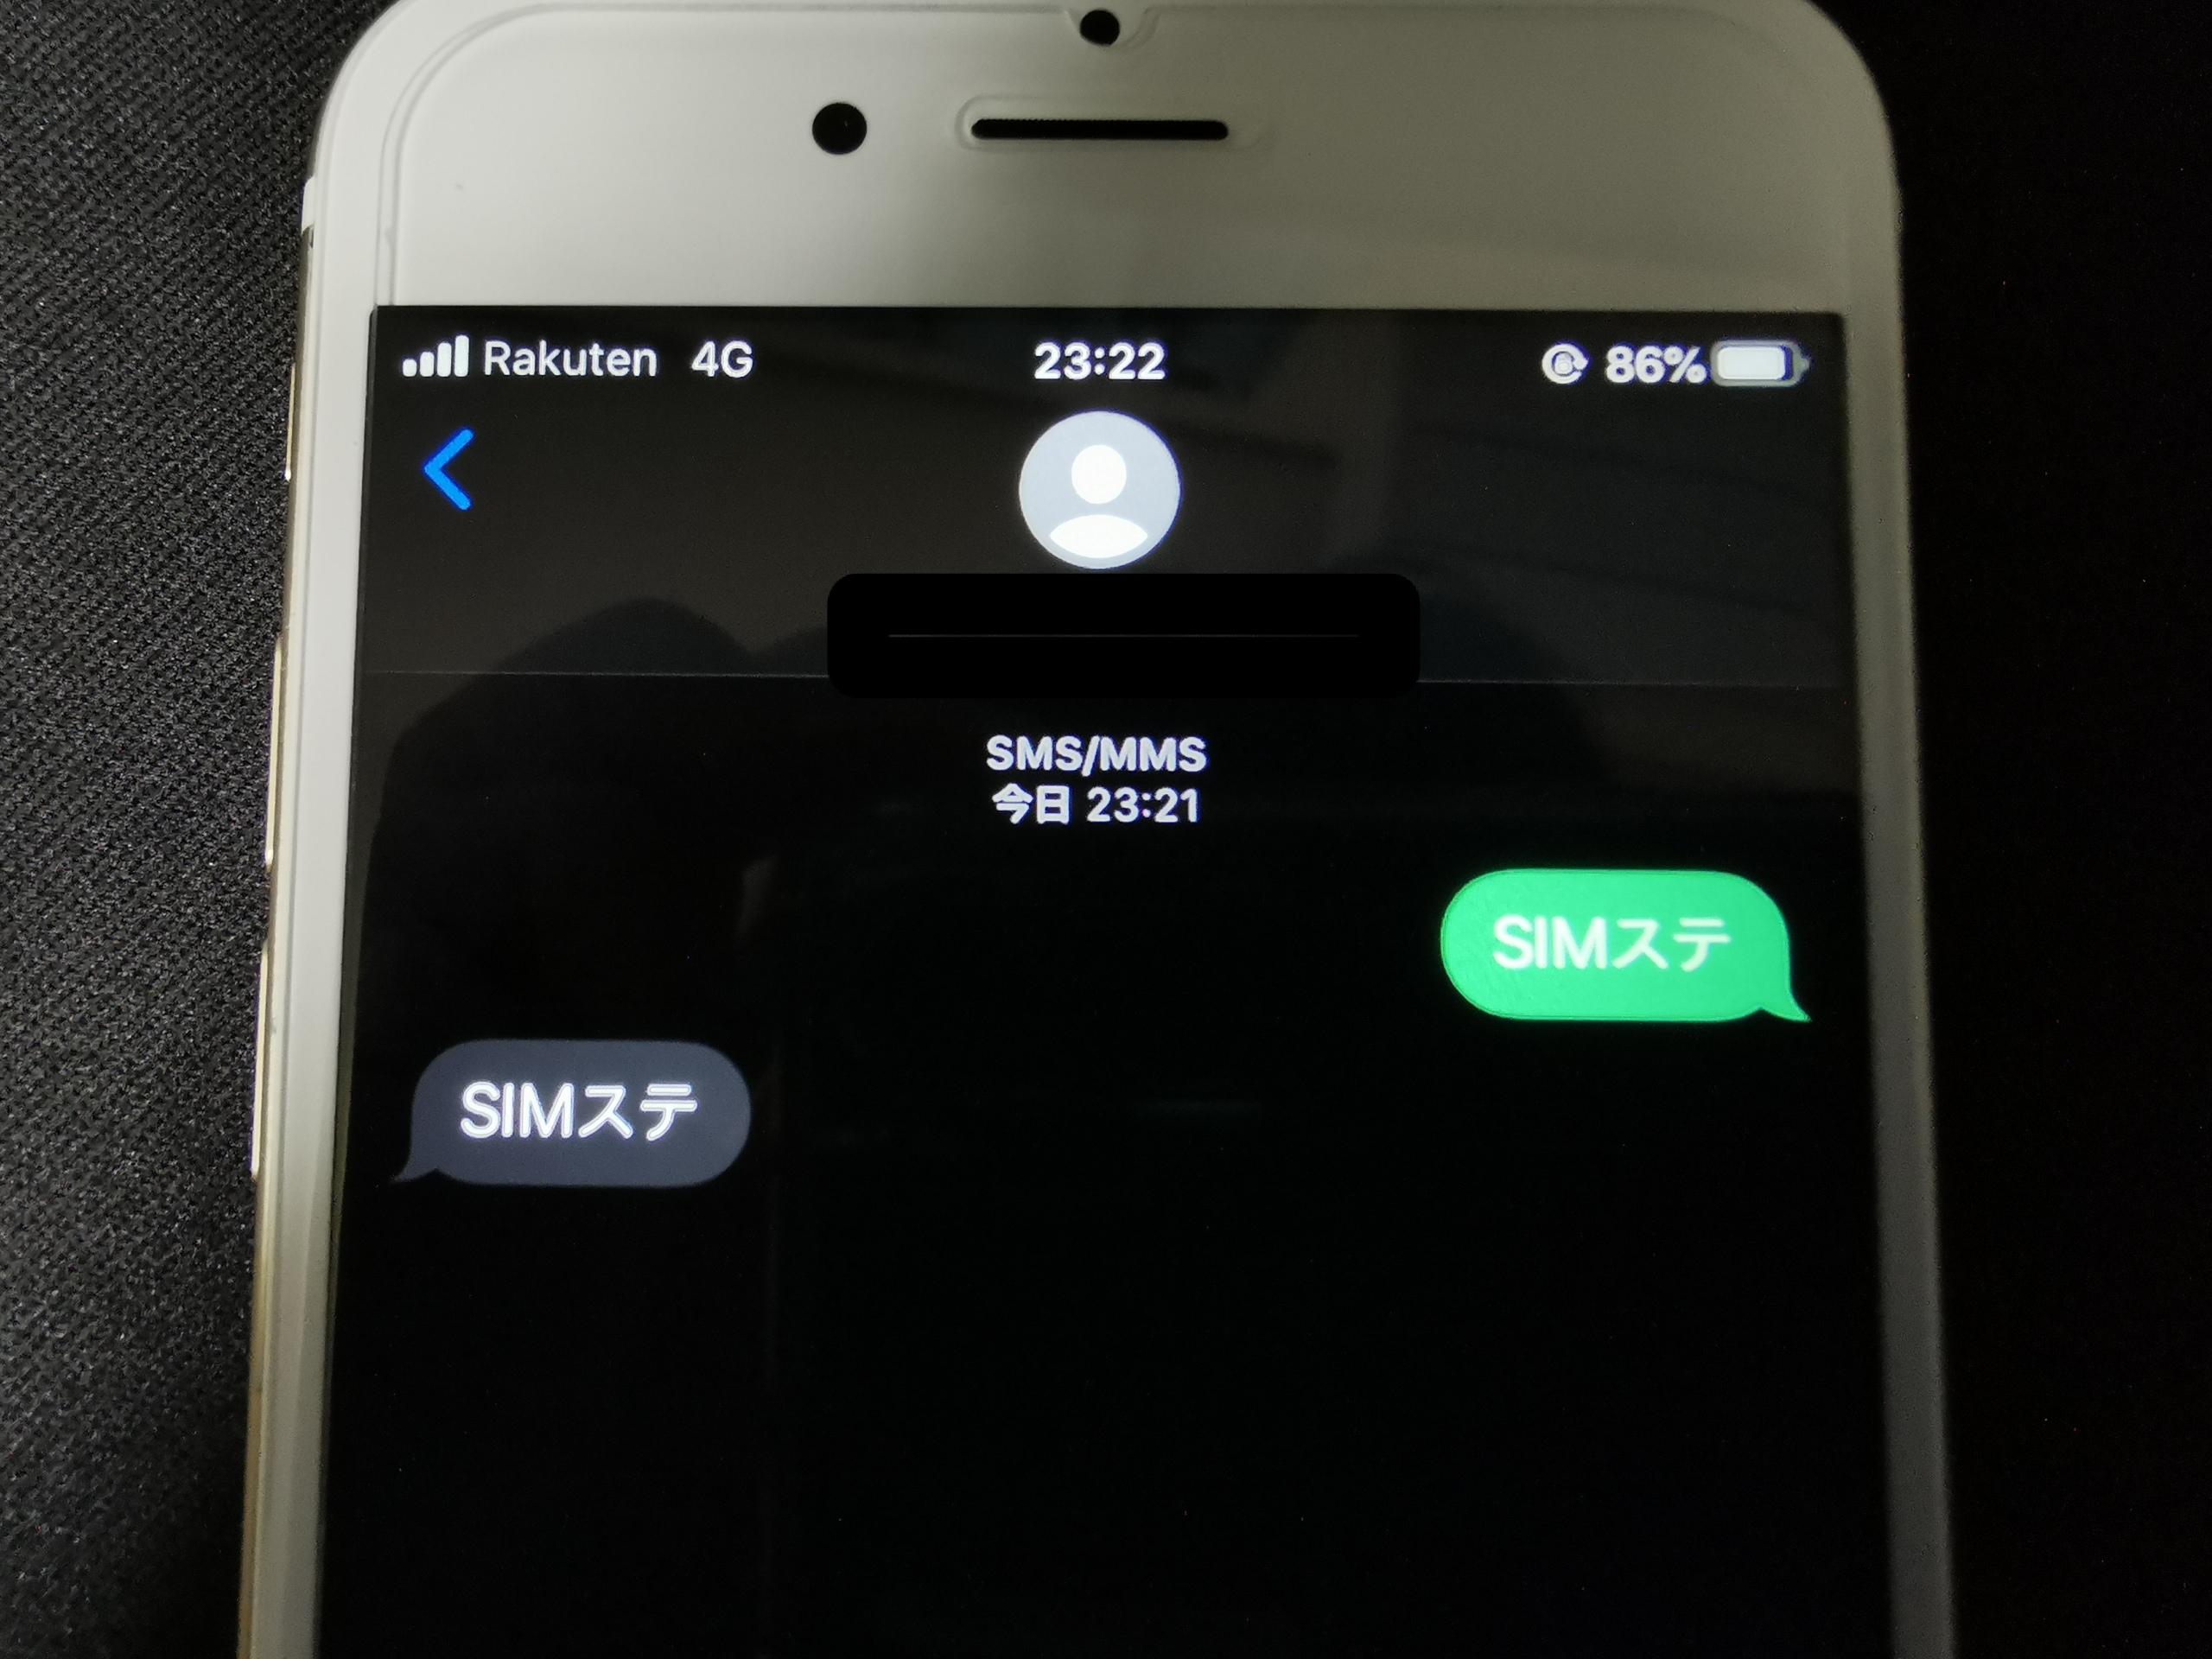 楽天モバイル(Rakuten UN-LIMIT)でSMSを受信